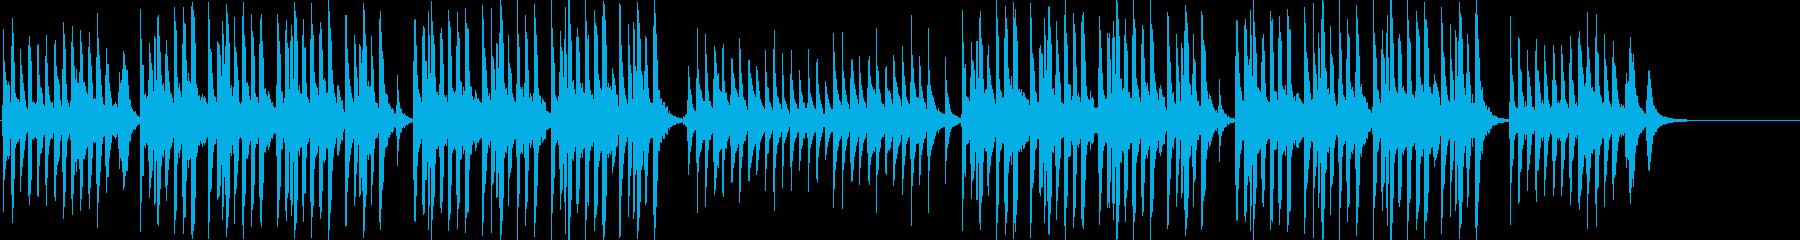 明るくかわいい 笛&トイピアノ&ウクレレの再生済みの波形